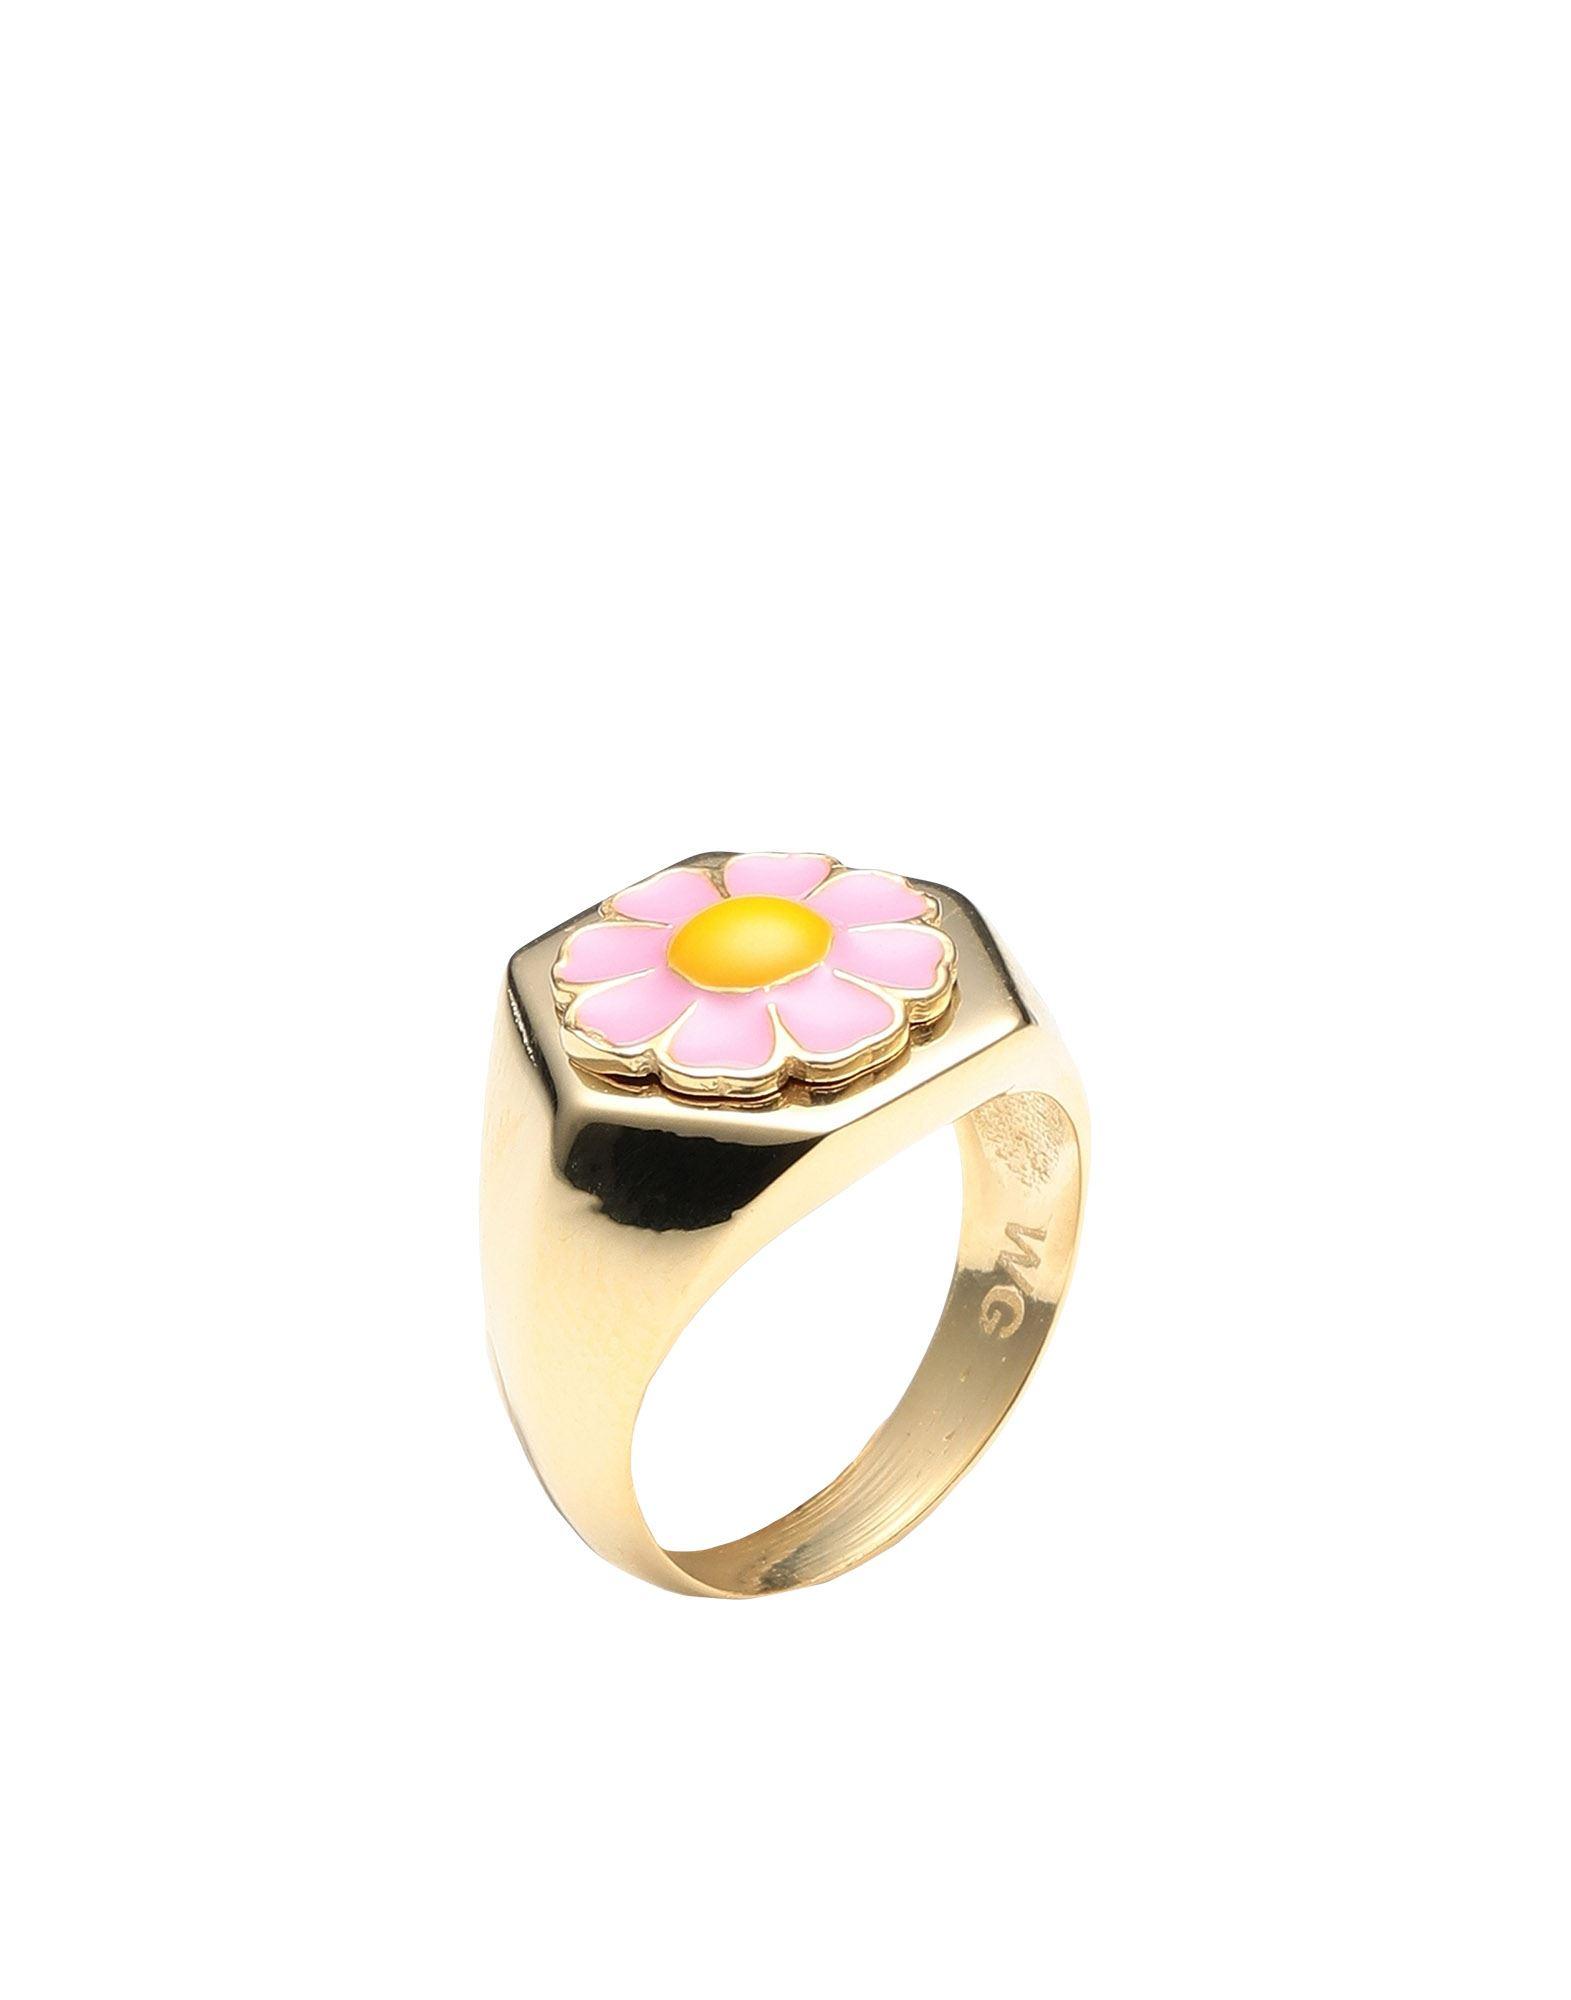 《セール開催中》WILHELMINA GARCIA レディース 指輪 ゴールド 46 シルバー925/1000 / 18金メッキ GOLD DAISY RING